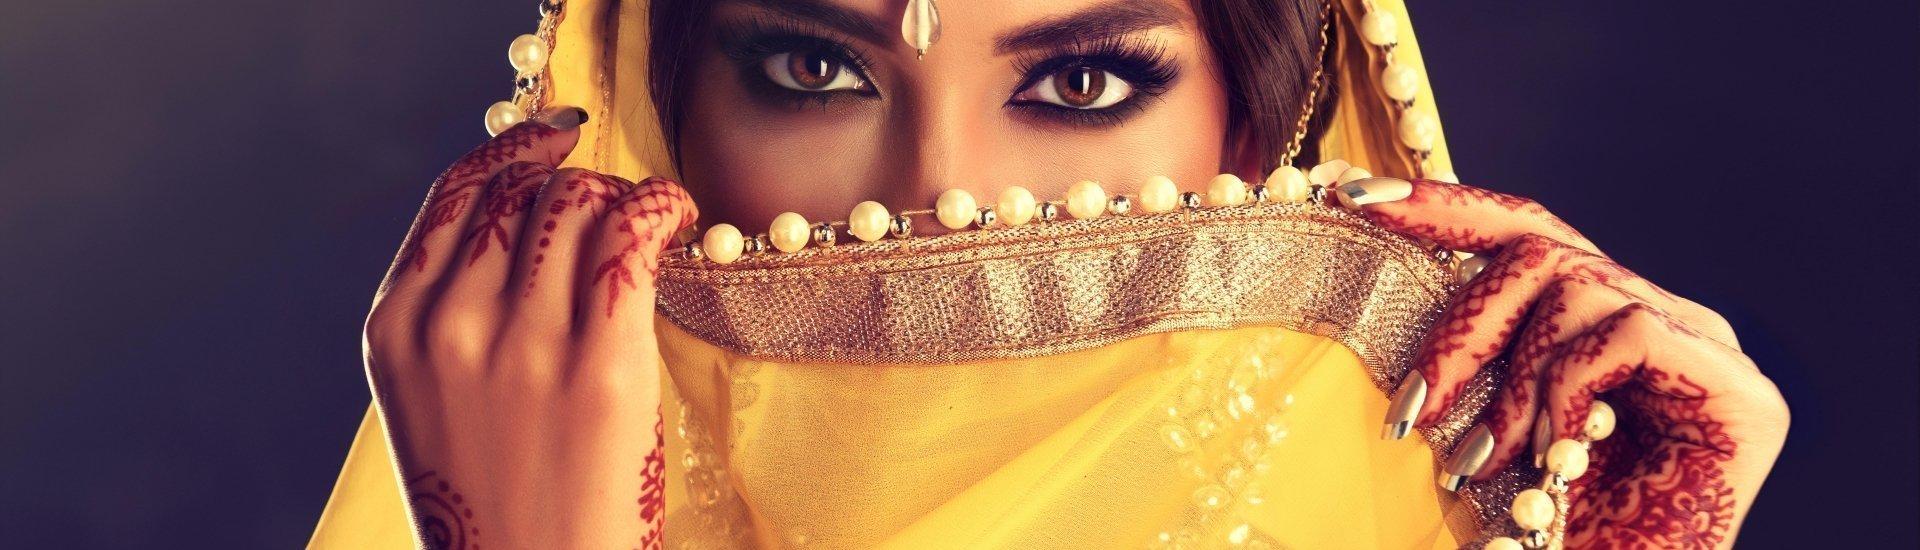 Bal andrzejkowy w klimacie Bollywood